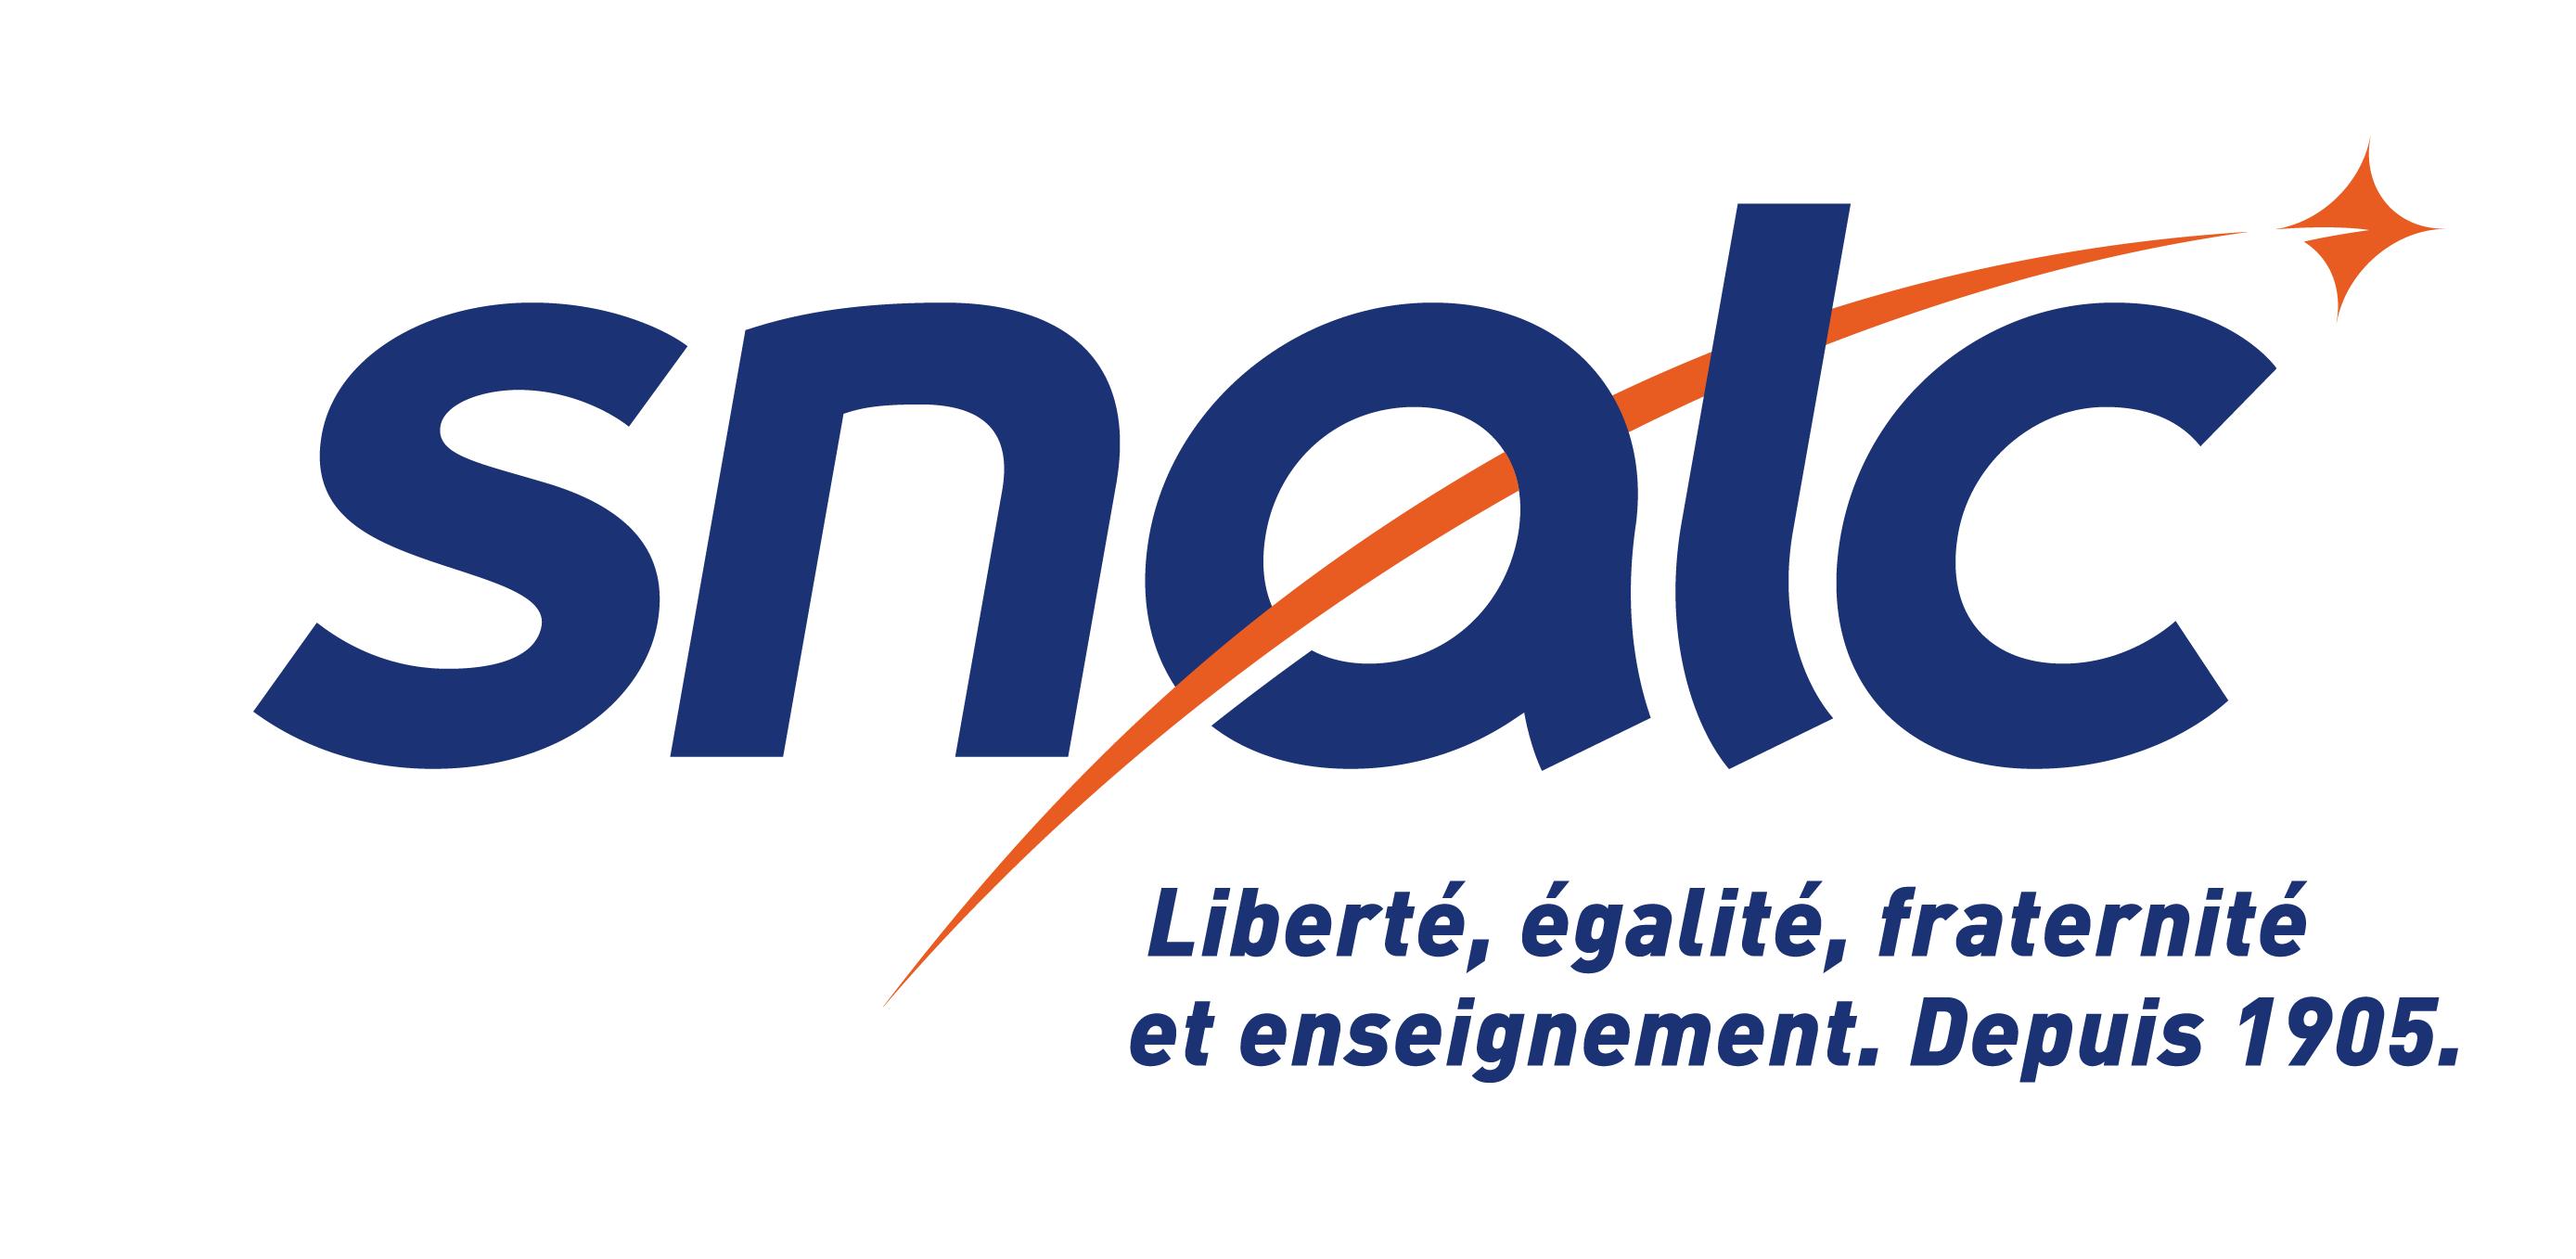 Calendrier Mouvement Intra Academique 2020.Mutations Snalc Versailles